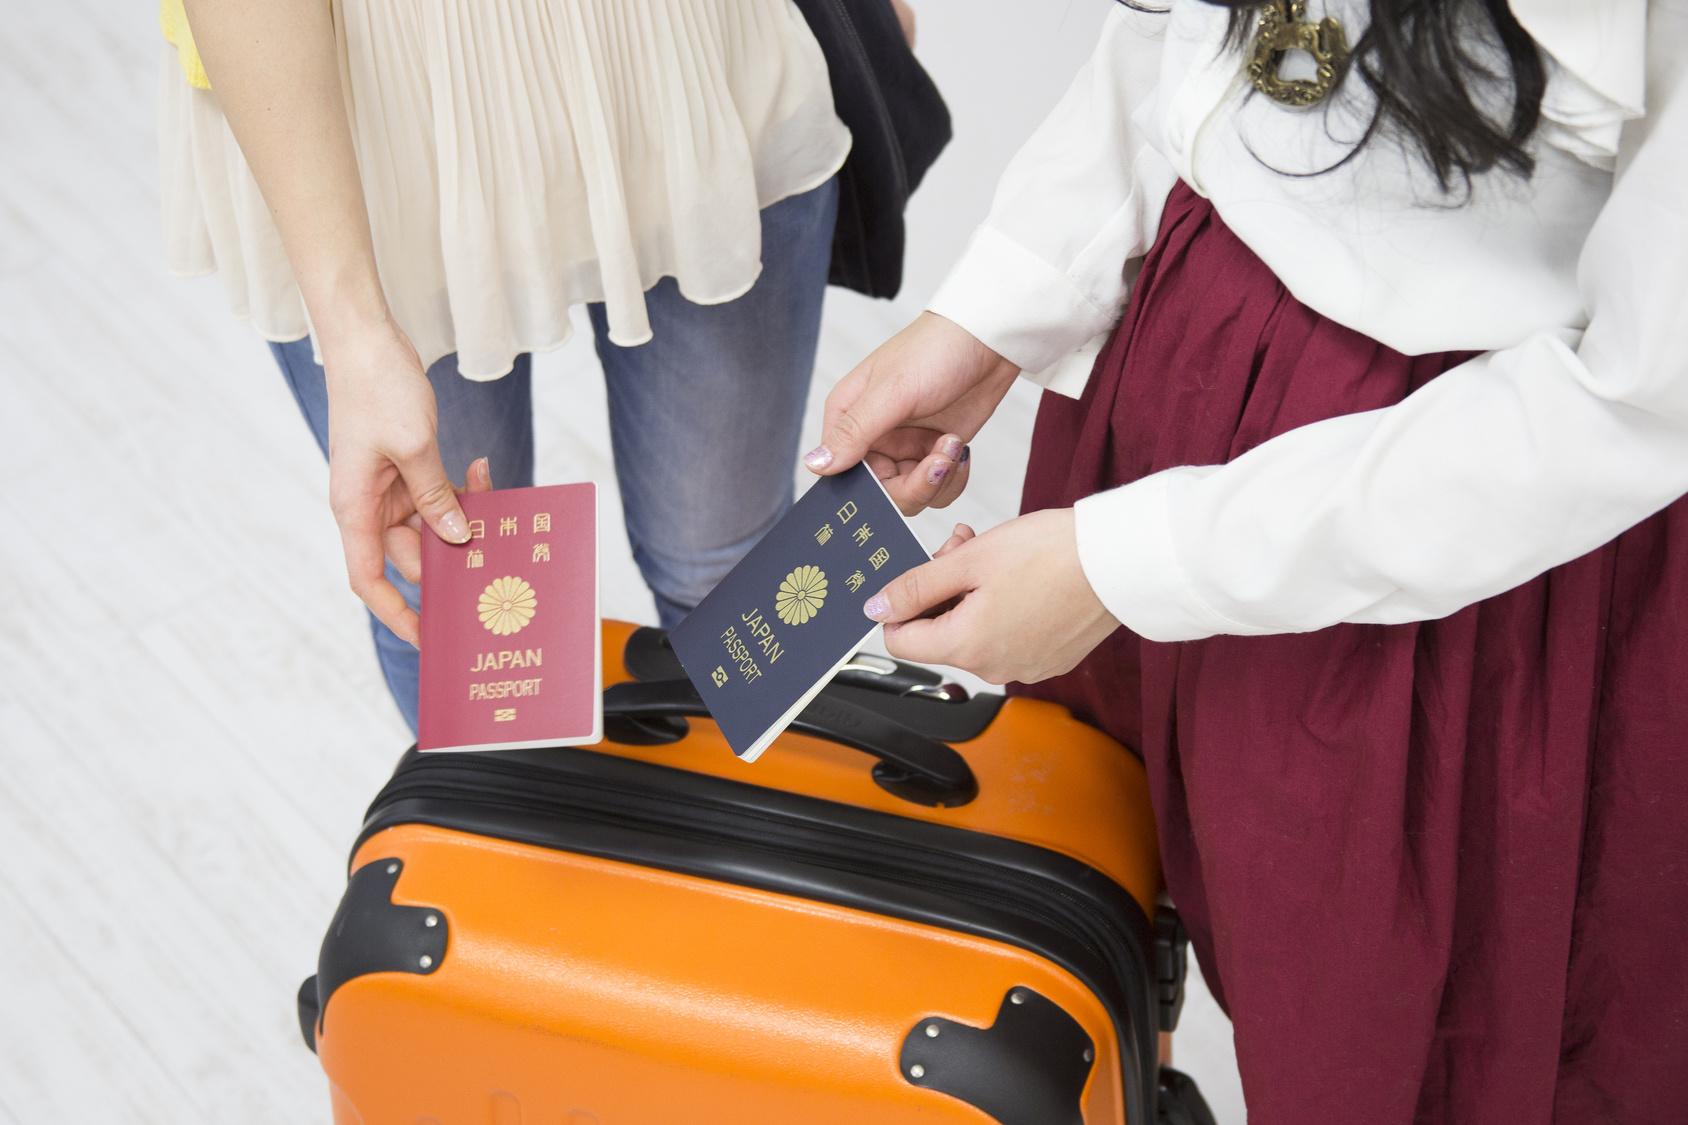 海外旅行女子一人旅!安心して楽しむコツとは?